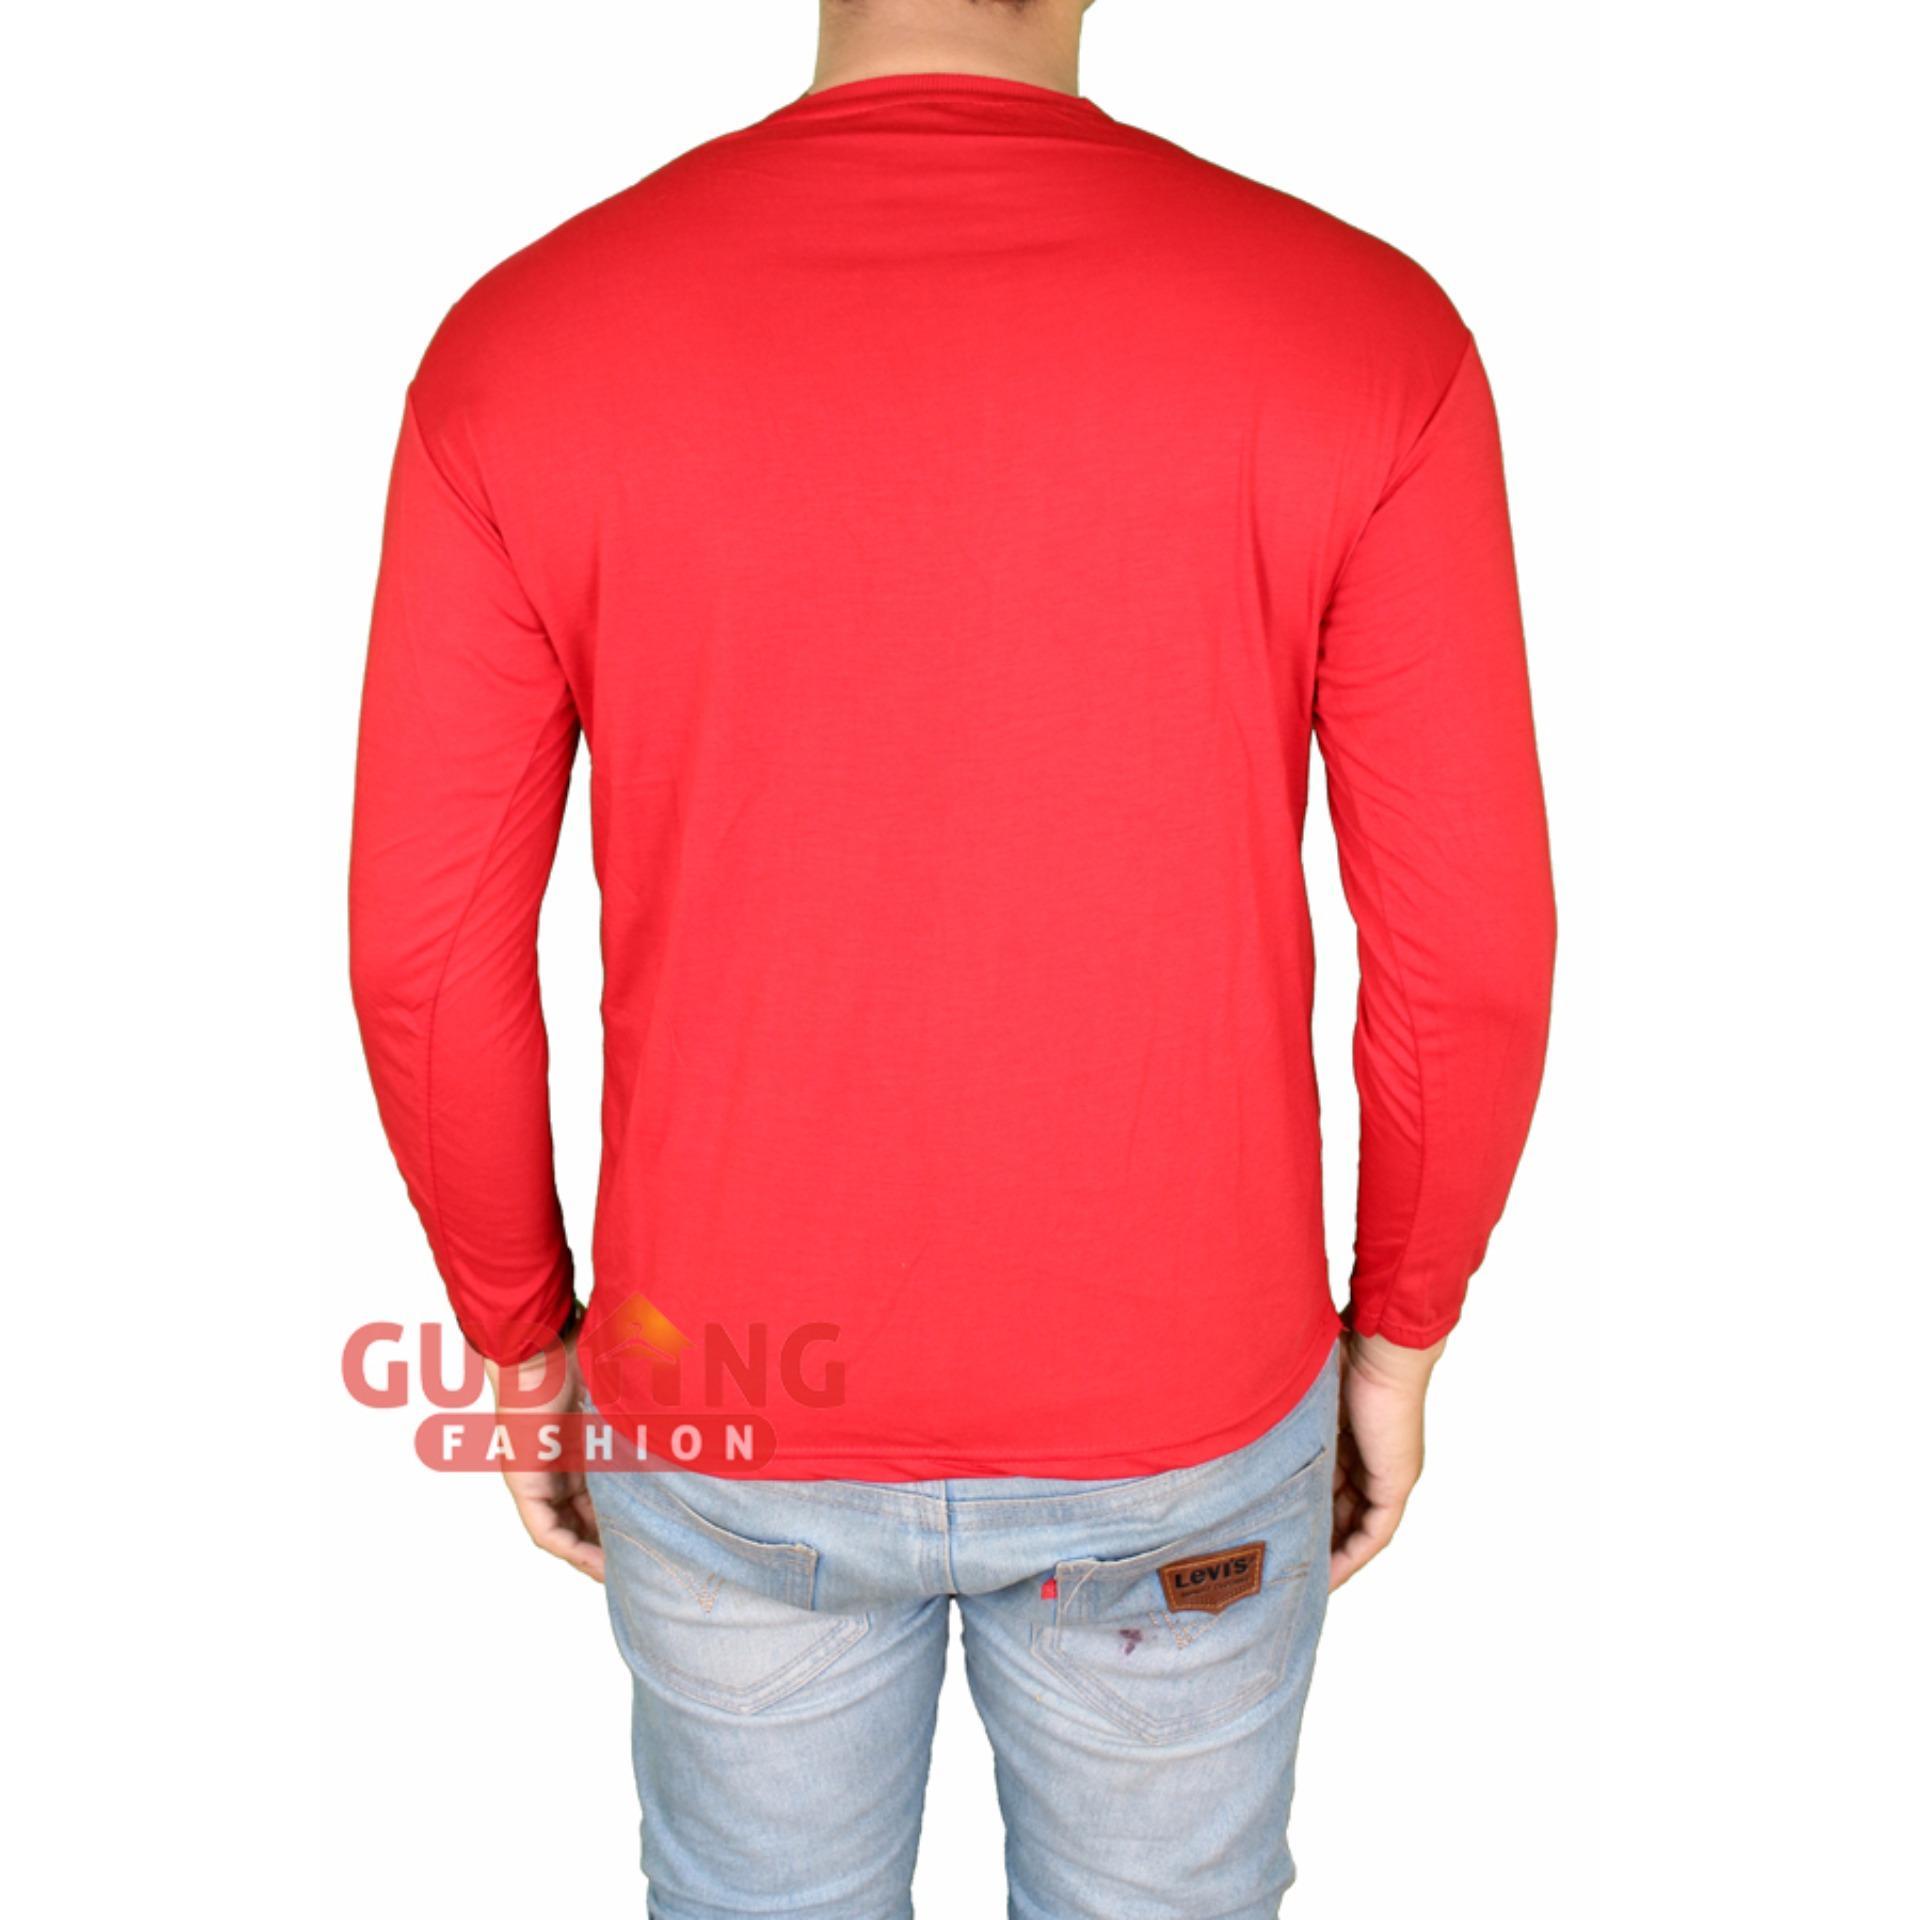 Gudang Fashion - Kaos Pria Panjang Polos - Merah Cabe .